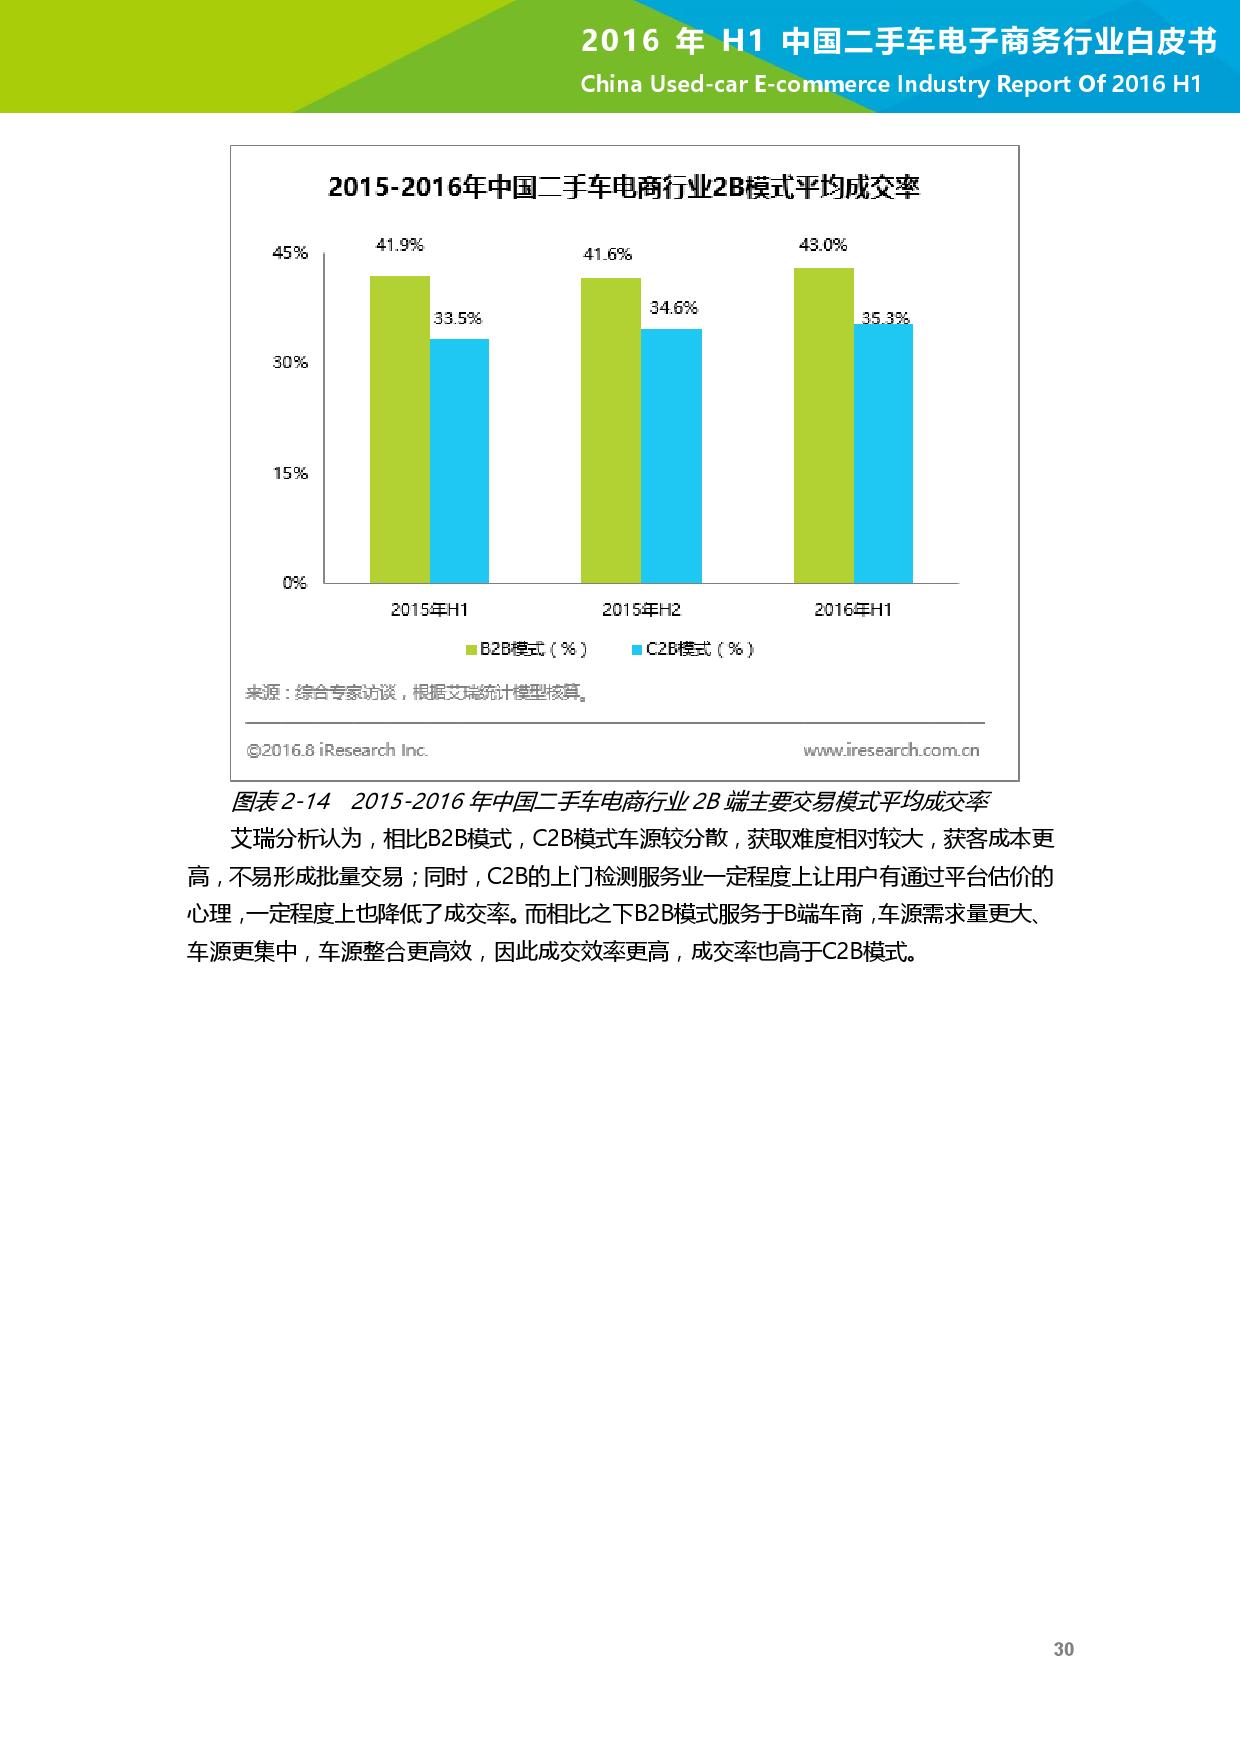 2016年H1中国二手车电子商务行业白皮书_000031